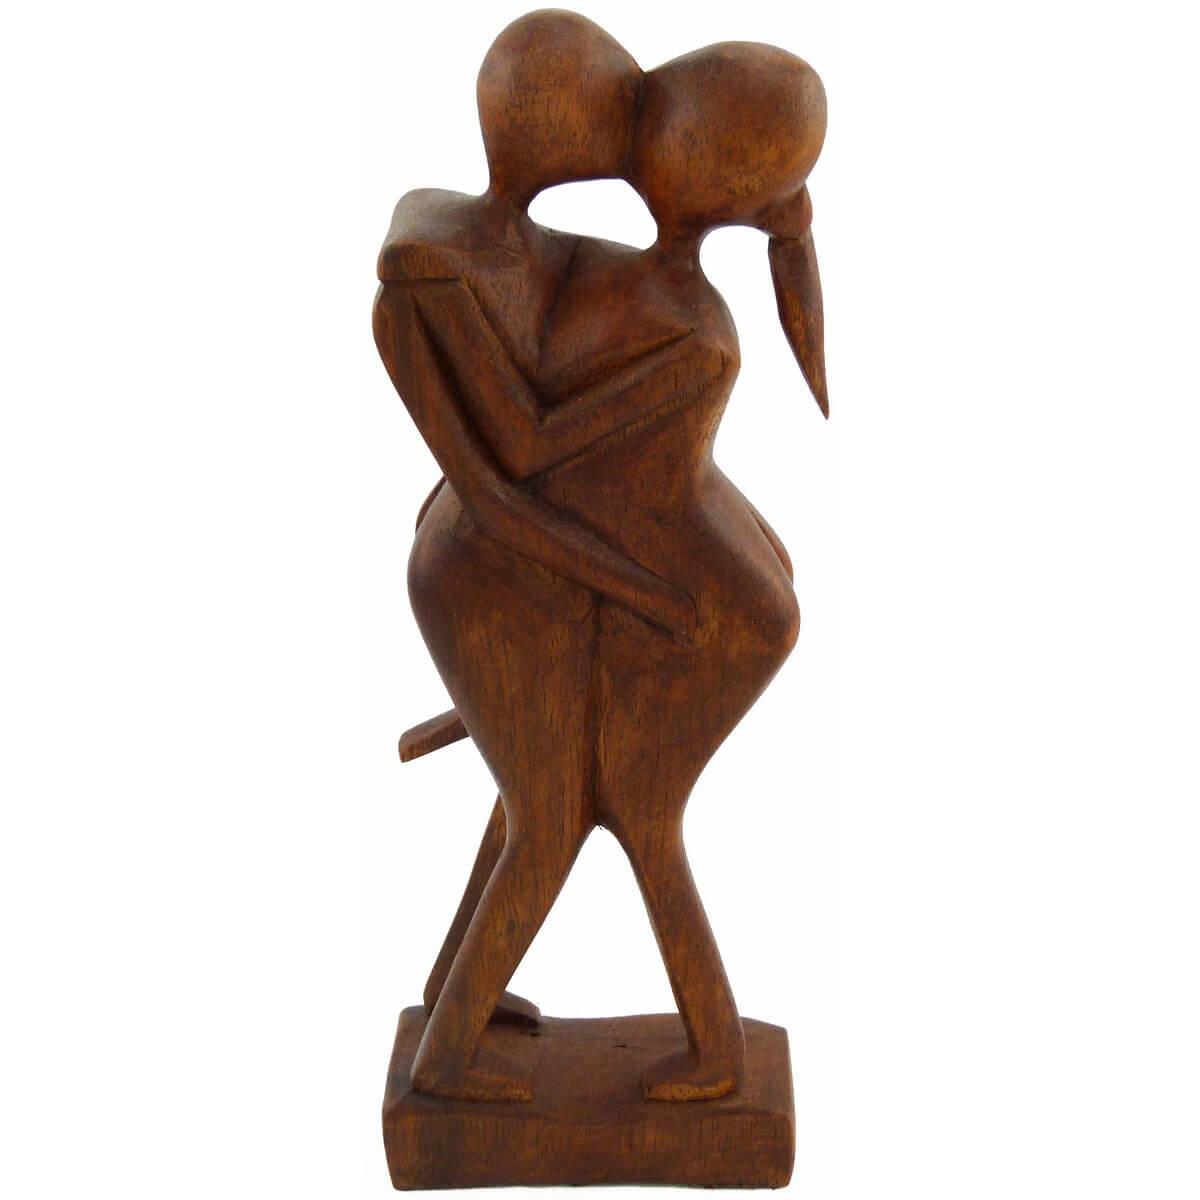 Full Size of Gartenskulpturen Holz Selber Machen Aus Und Glas Skulpturen Gartenskulptur Stein Figur Skulptur Abstrakt Holzfigur Statue Afrika Asia Sichtschutz Garten Regal Wohnzimmer Gartenskulpturen Holz